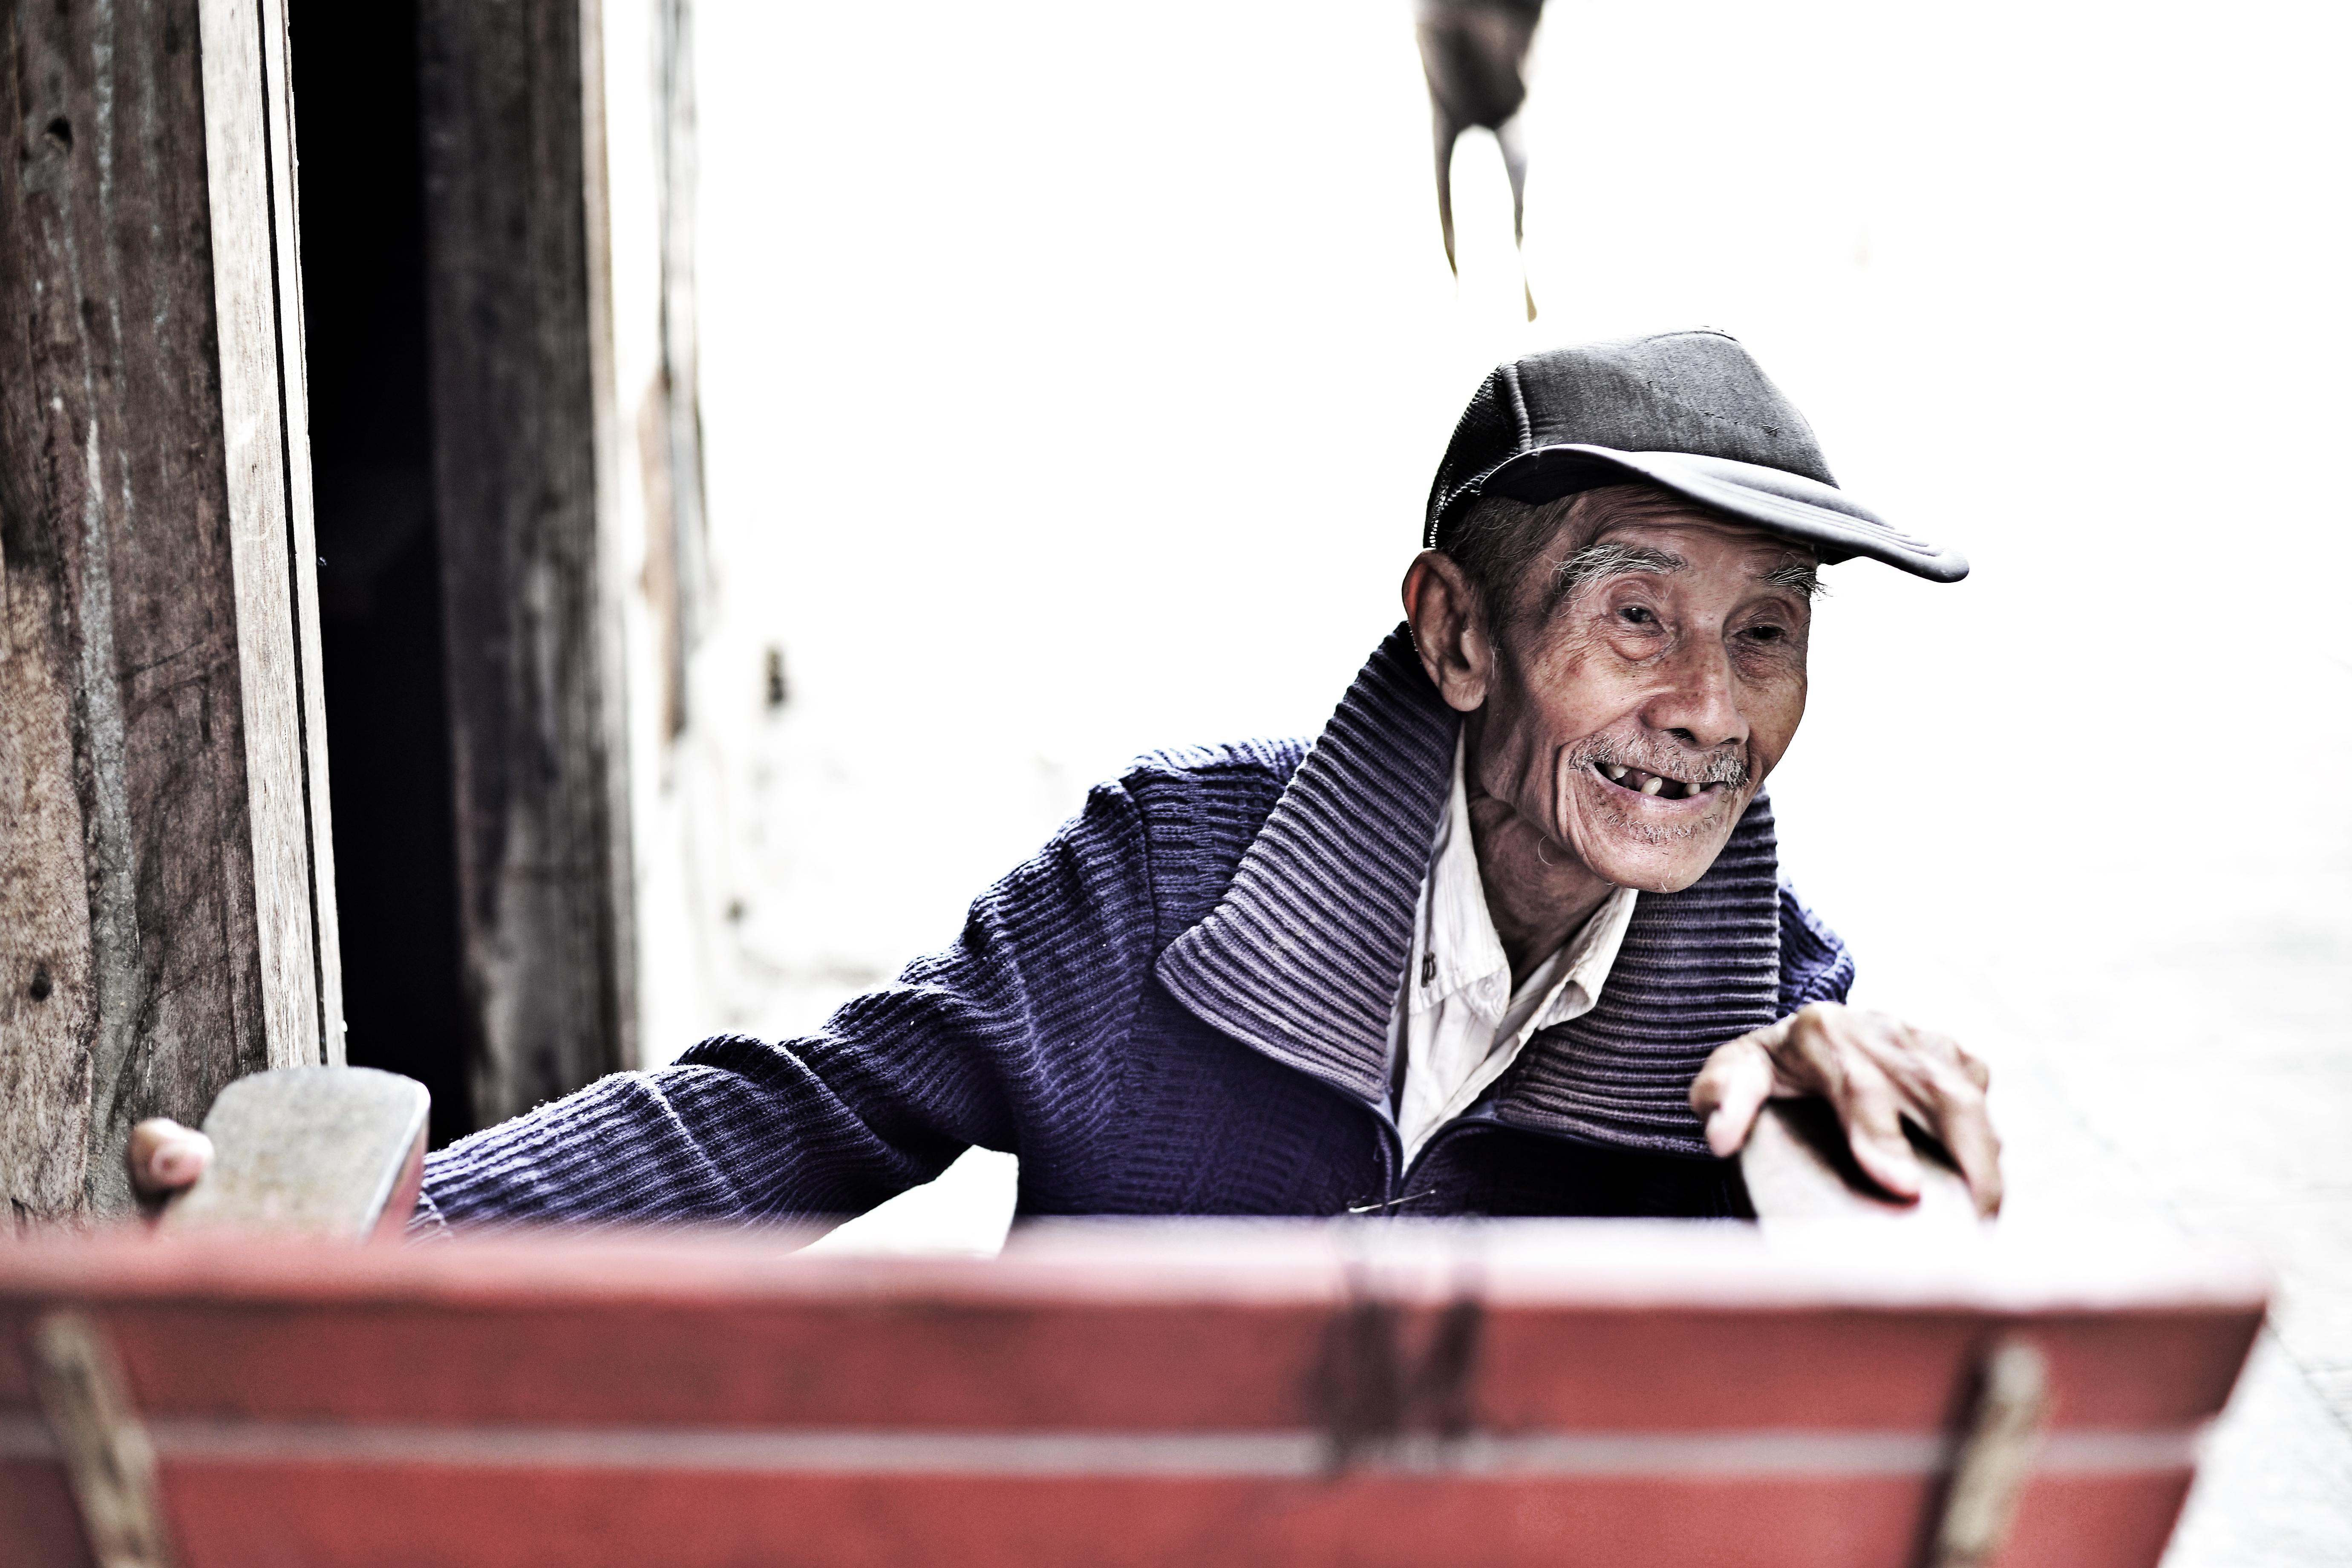 Amphawa Man 2 - 100 years old